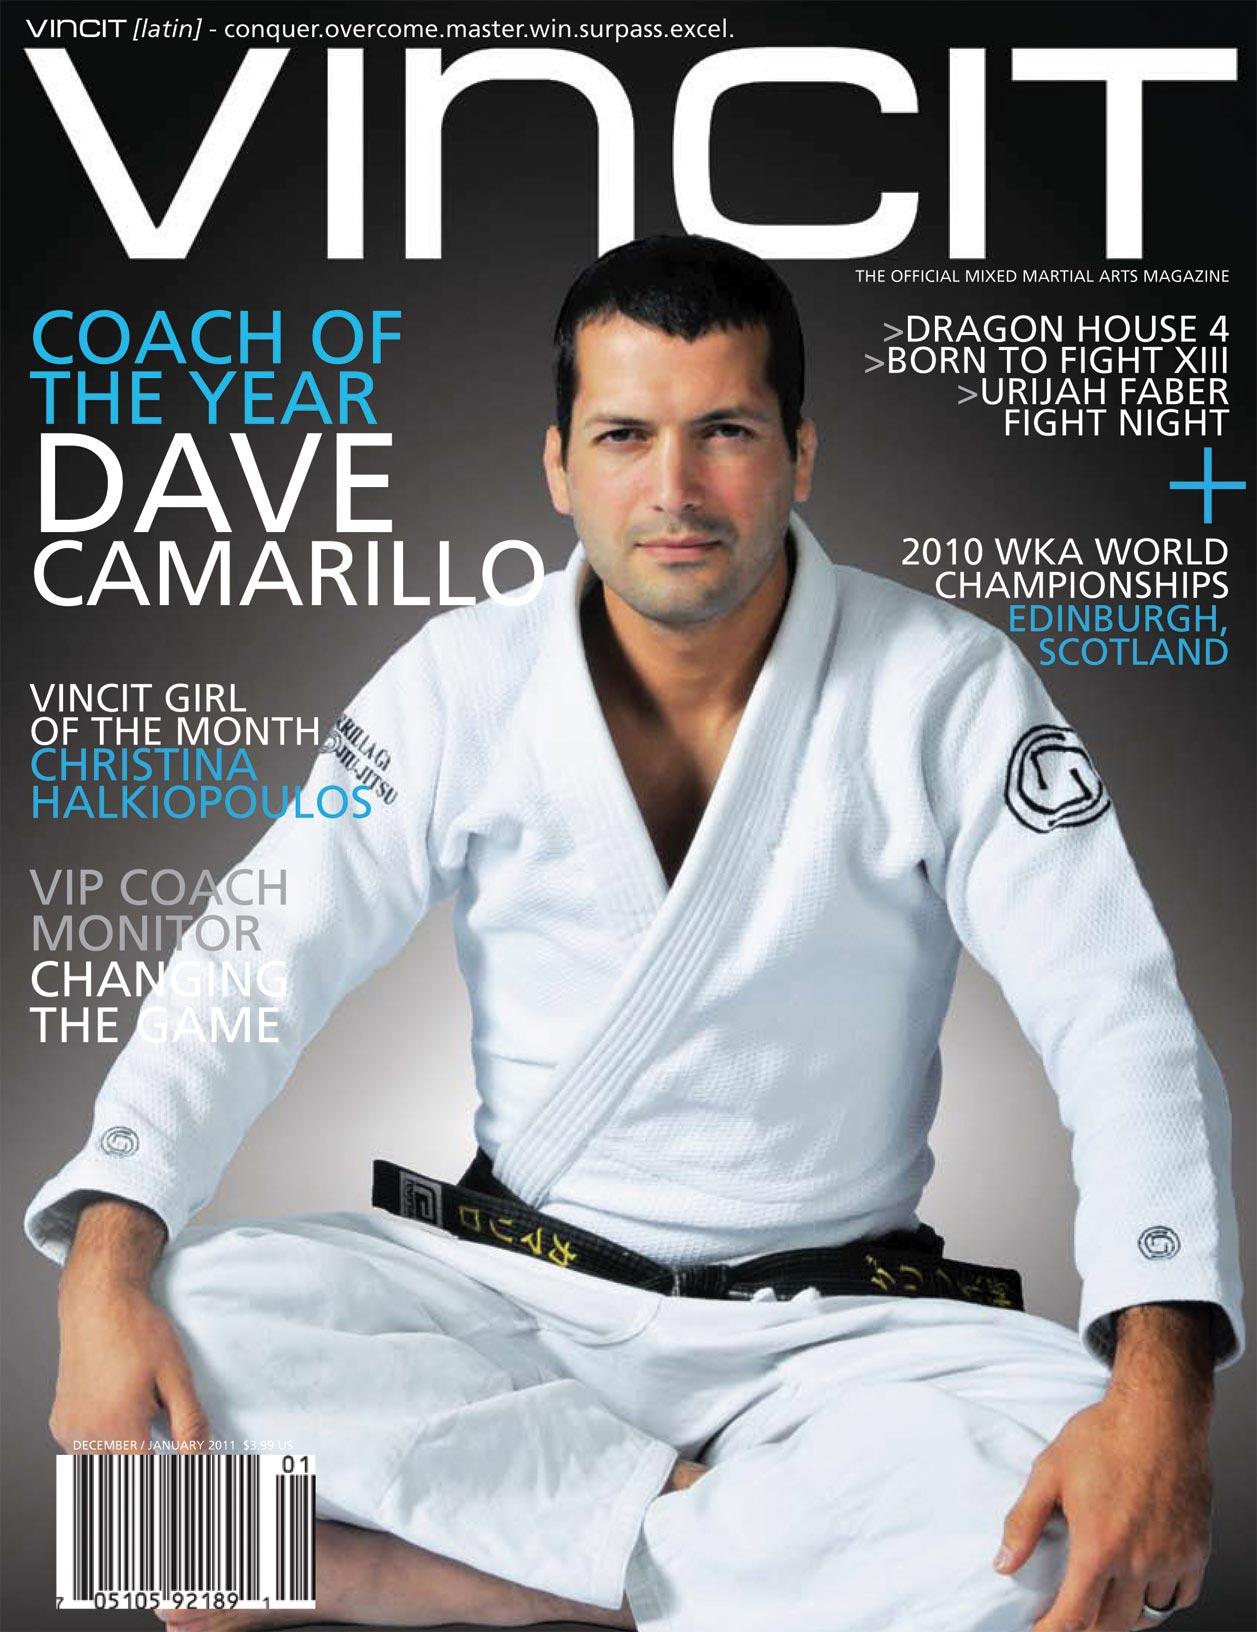 Dave Camarillo